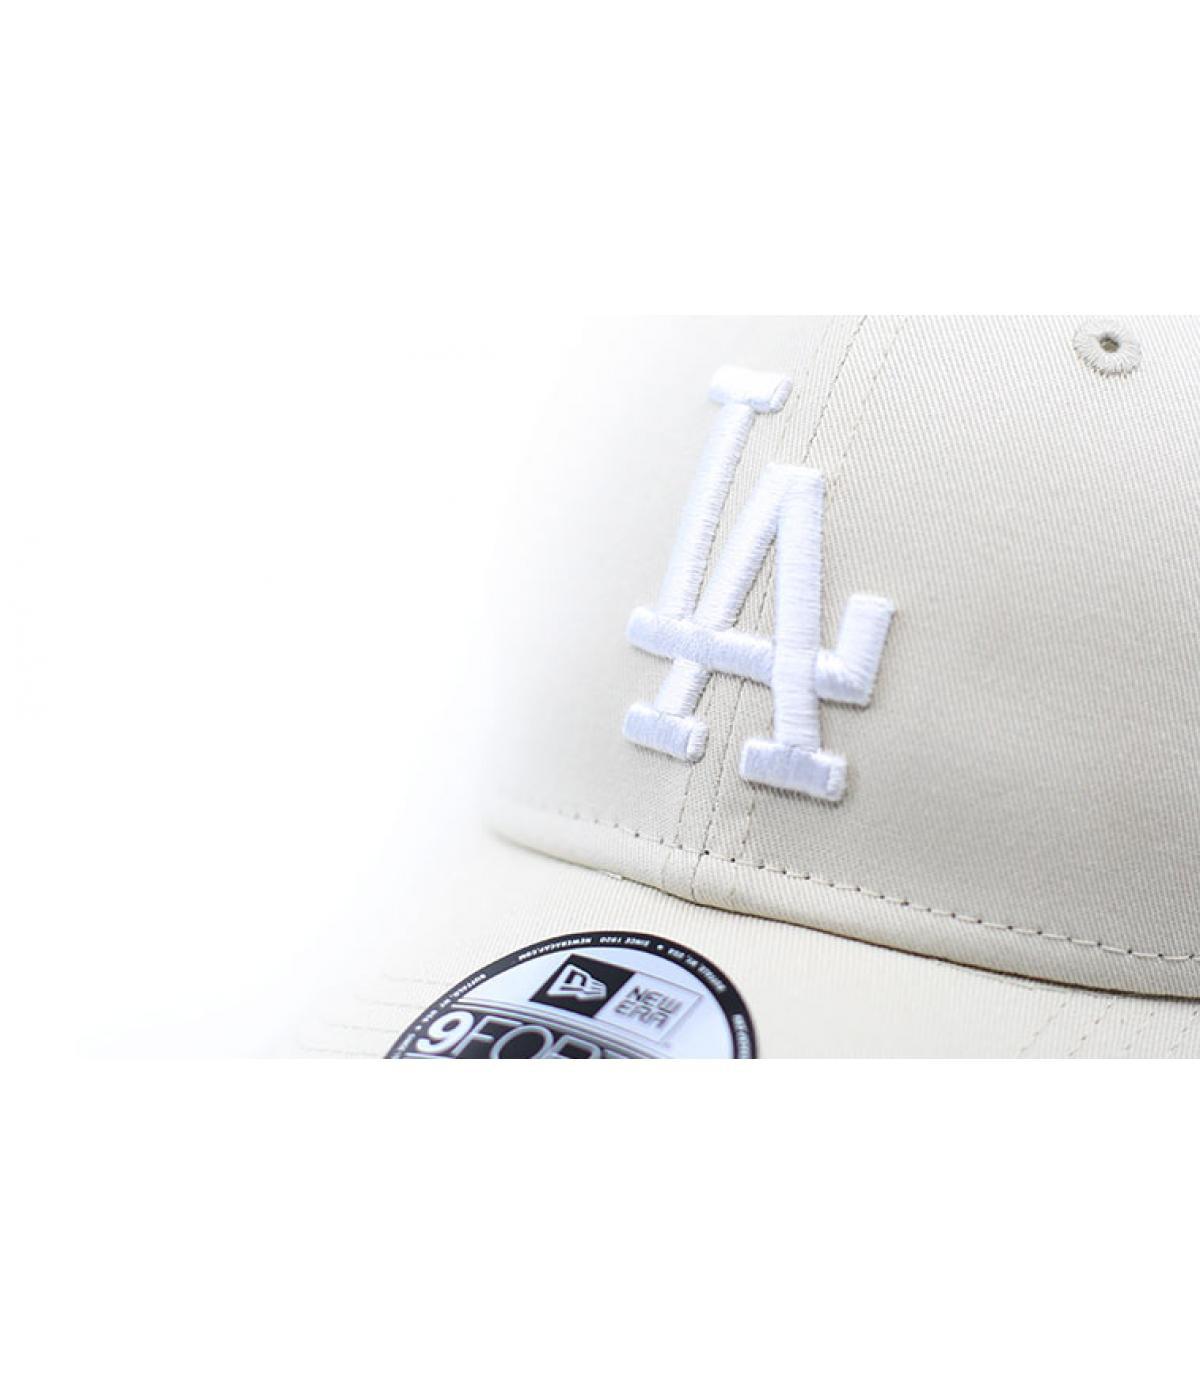 Dettagli League Ess 9forty LA off white - image 3